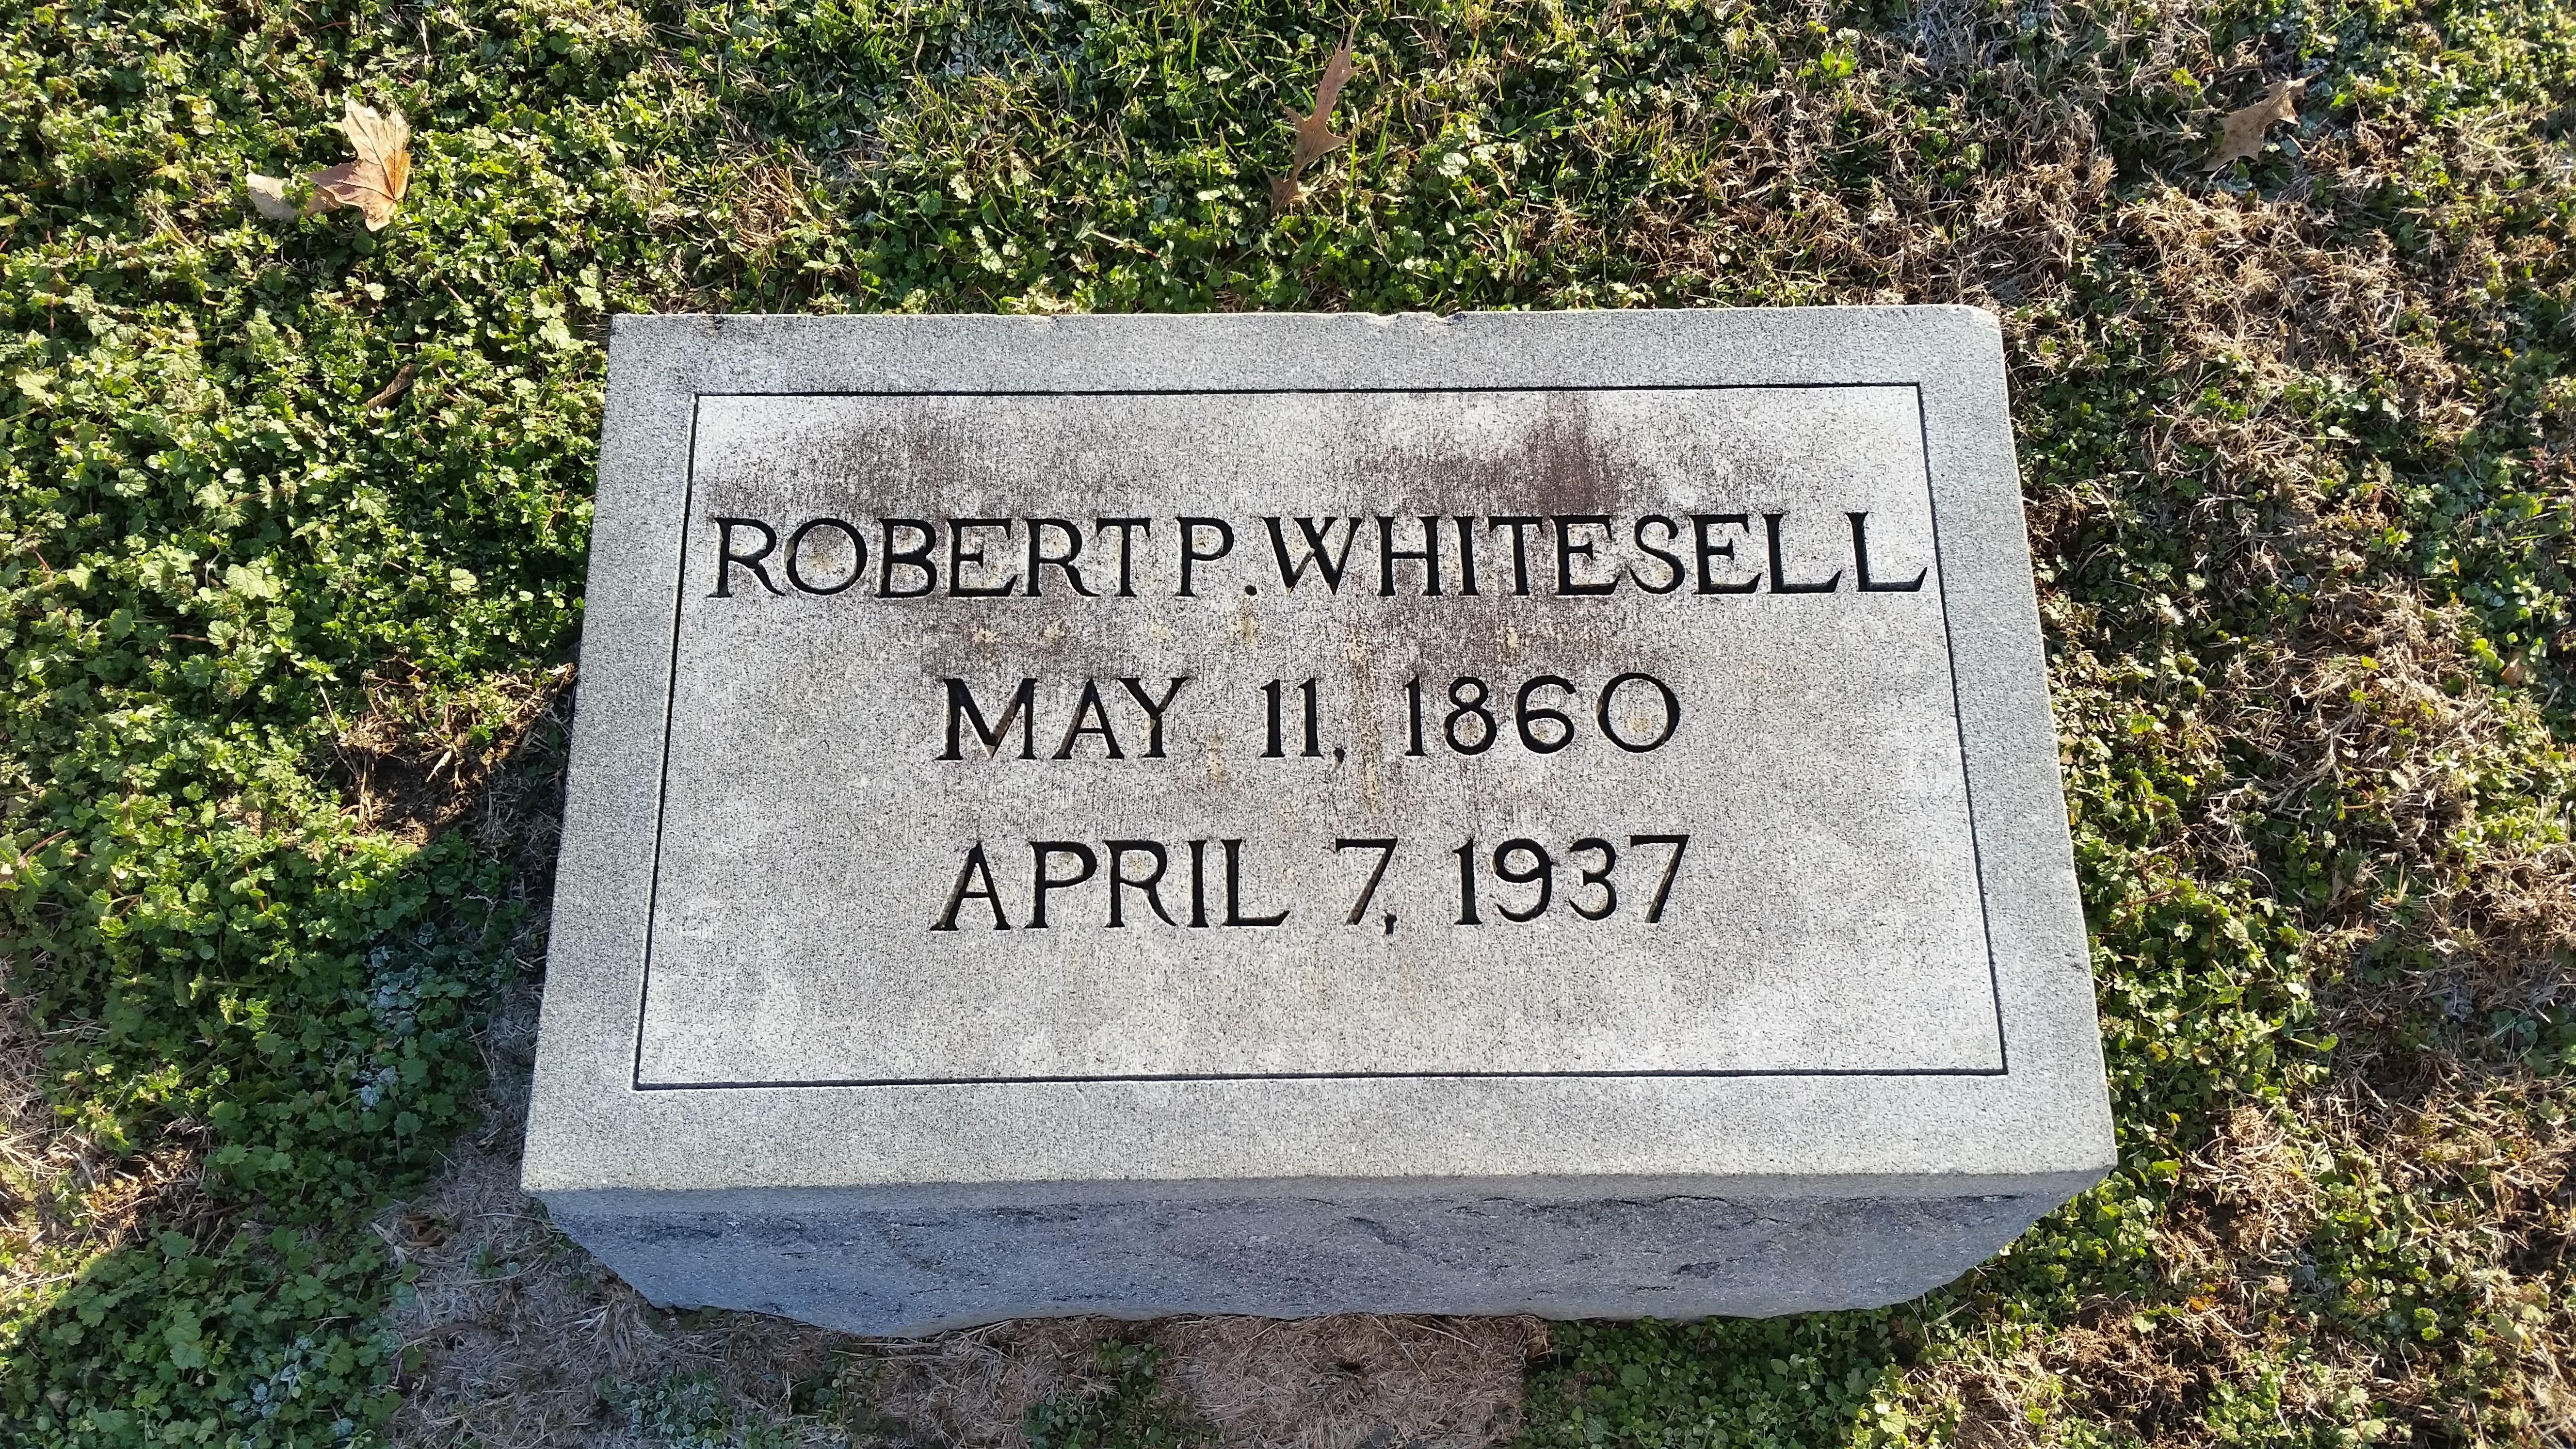 Robert Peter Whitesell